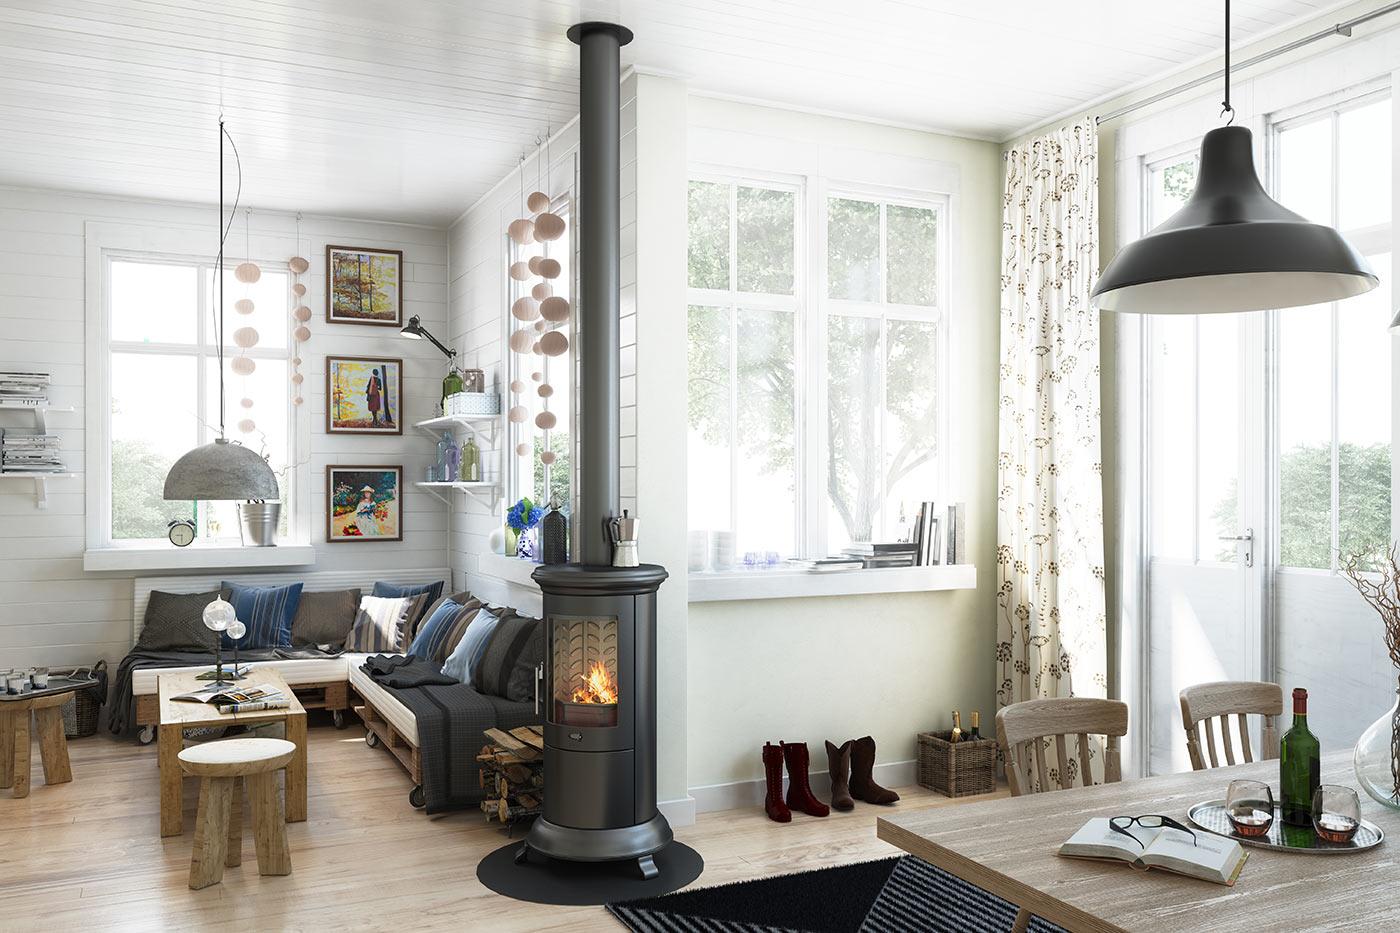 Arredamento Di Una Casa Di Campagna : Come arredare una casa in campagna stili e idee man casa